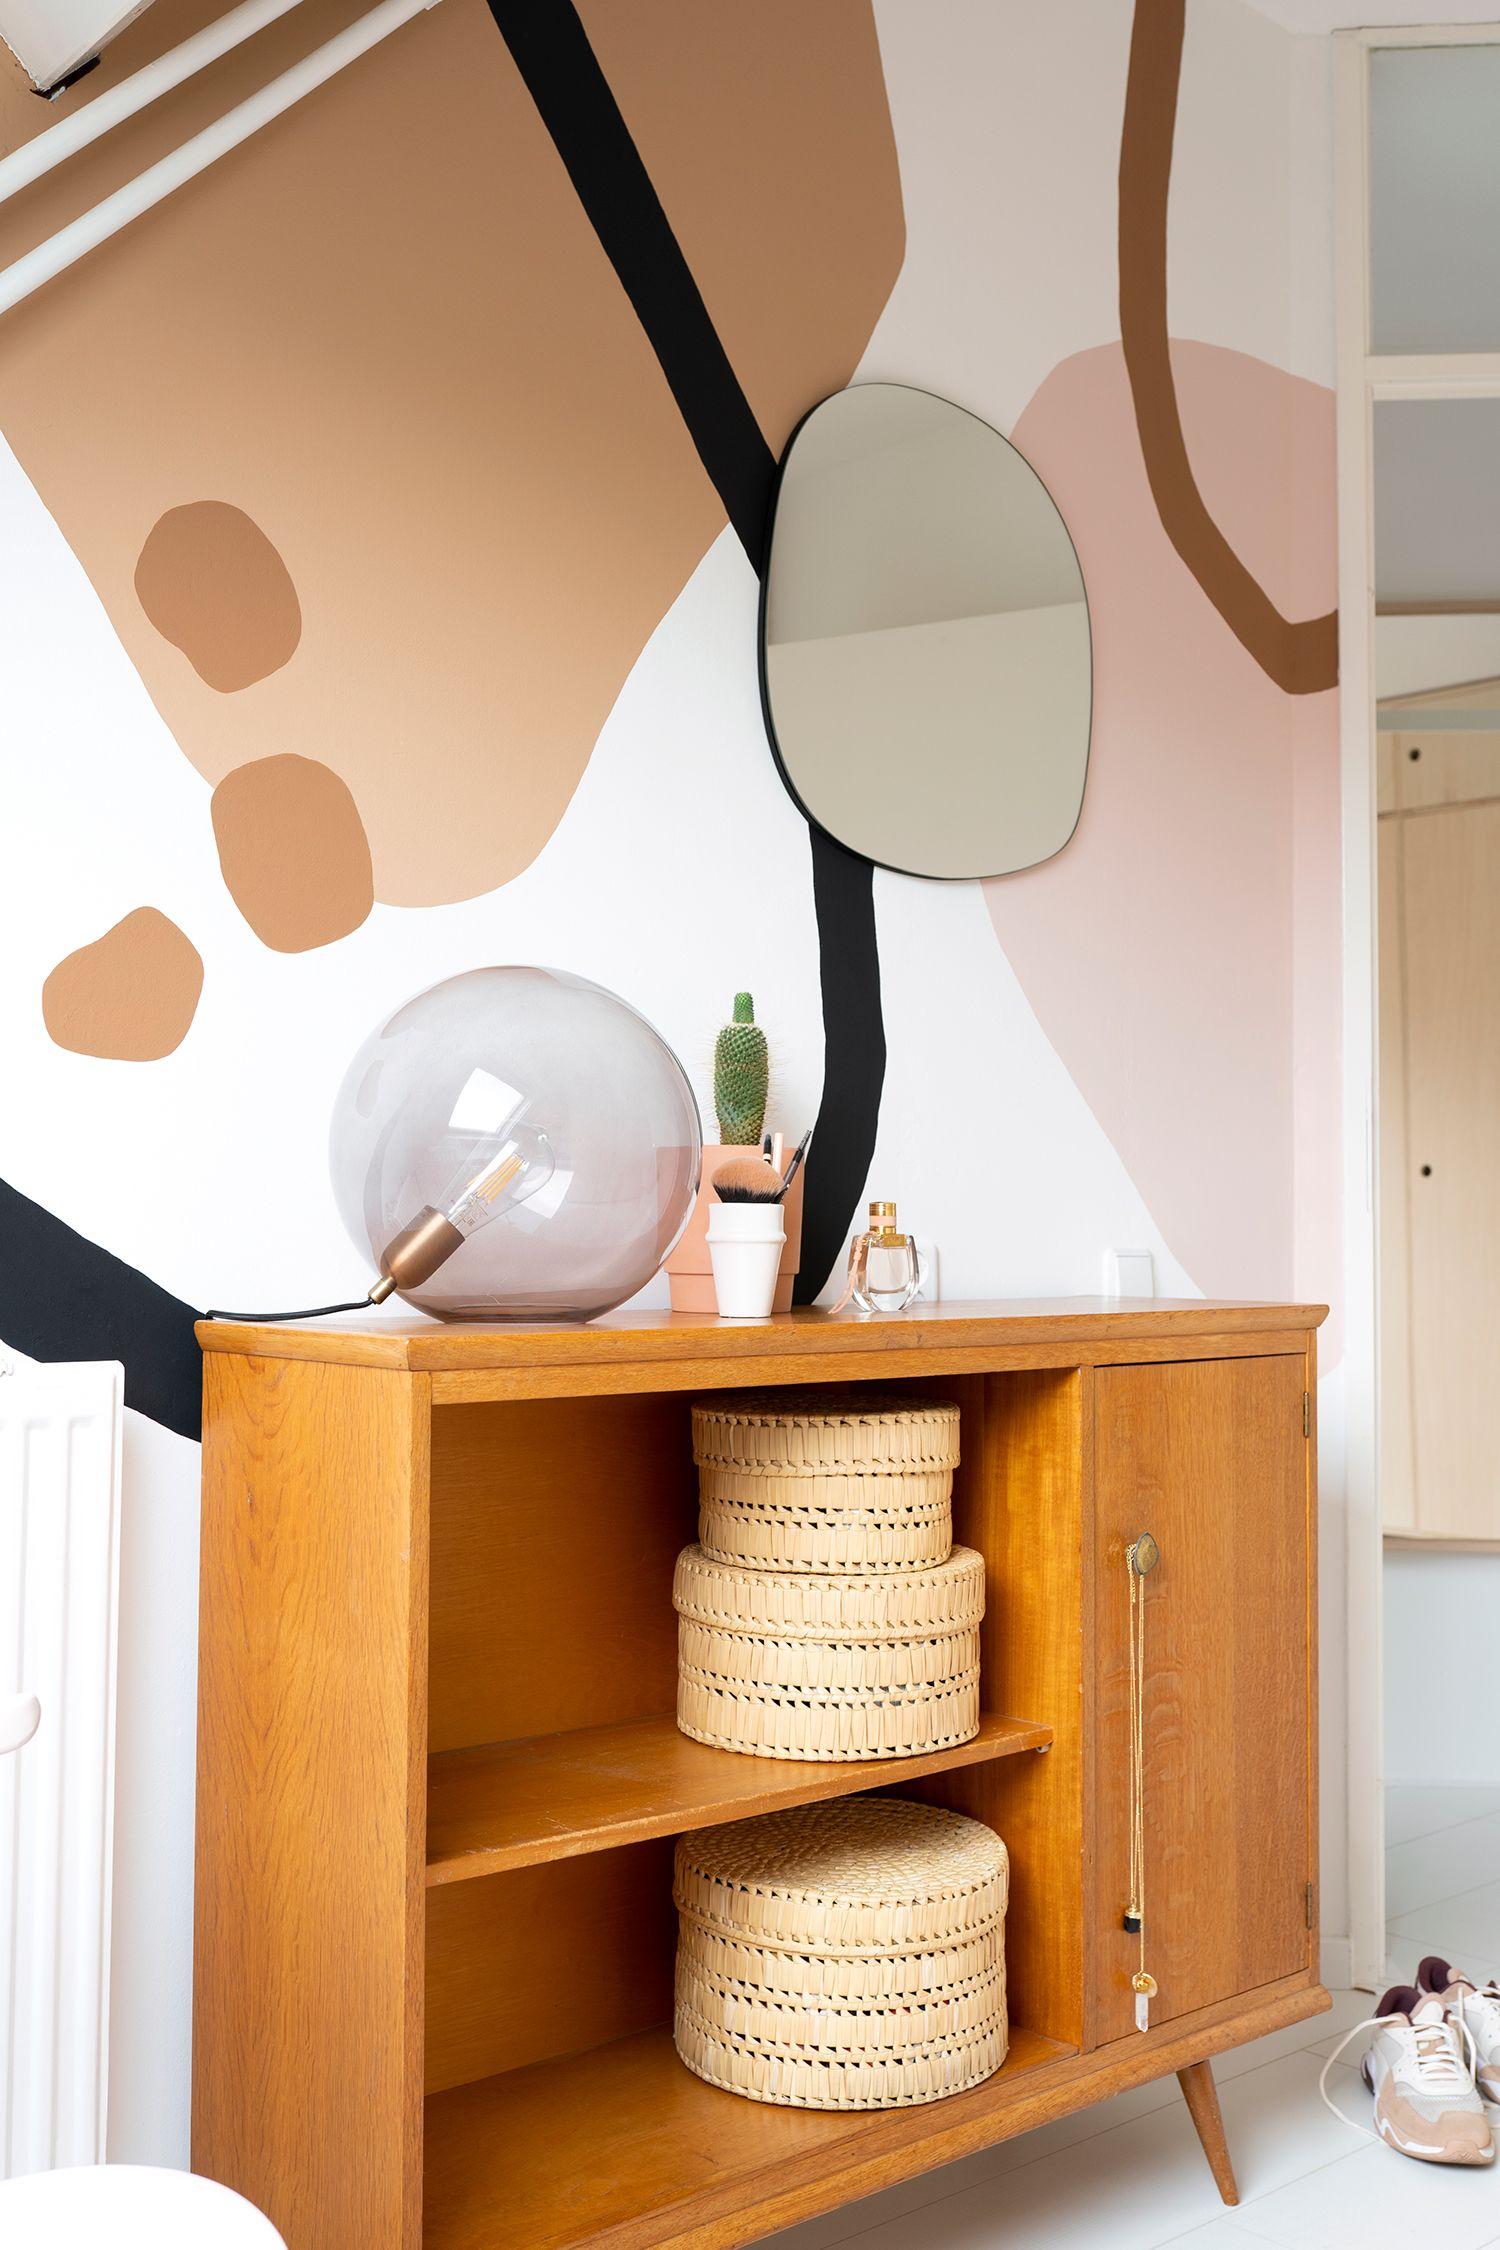 Muurschildering maken met abstracte vormen   Enter My Attic ...